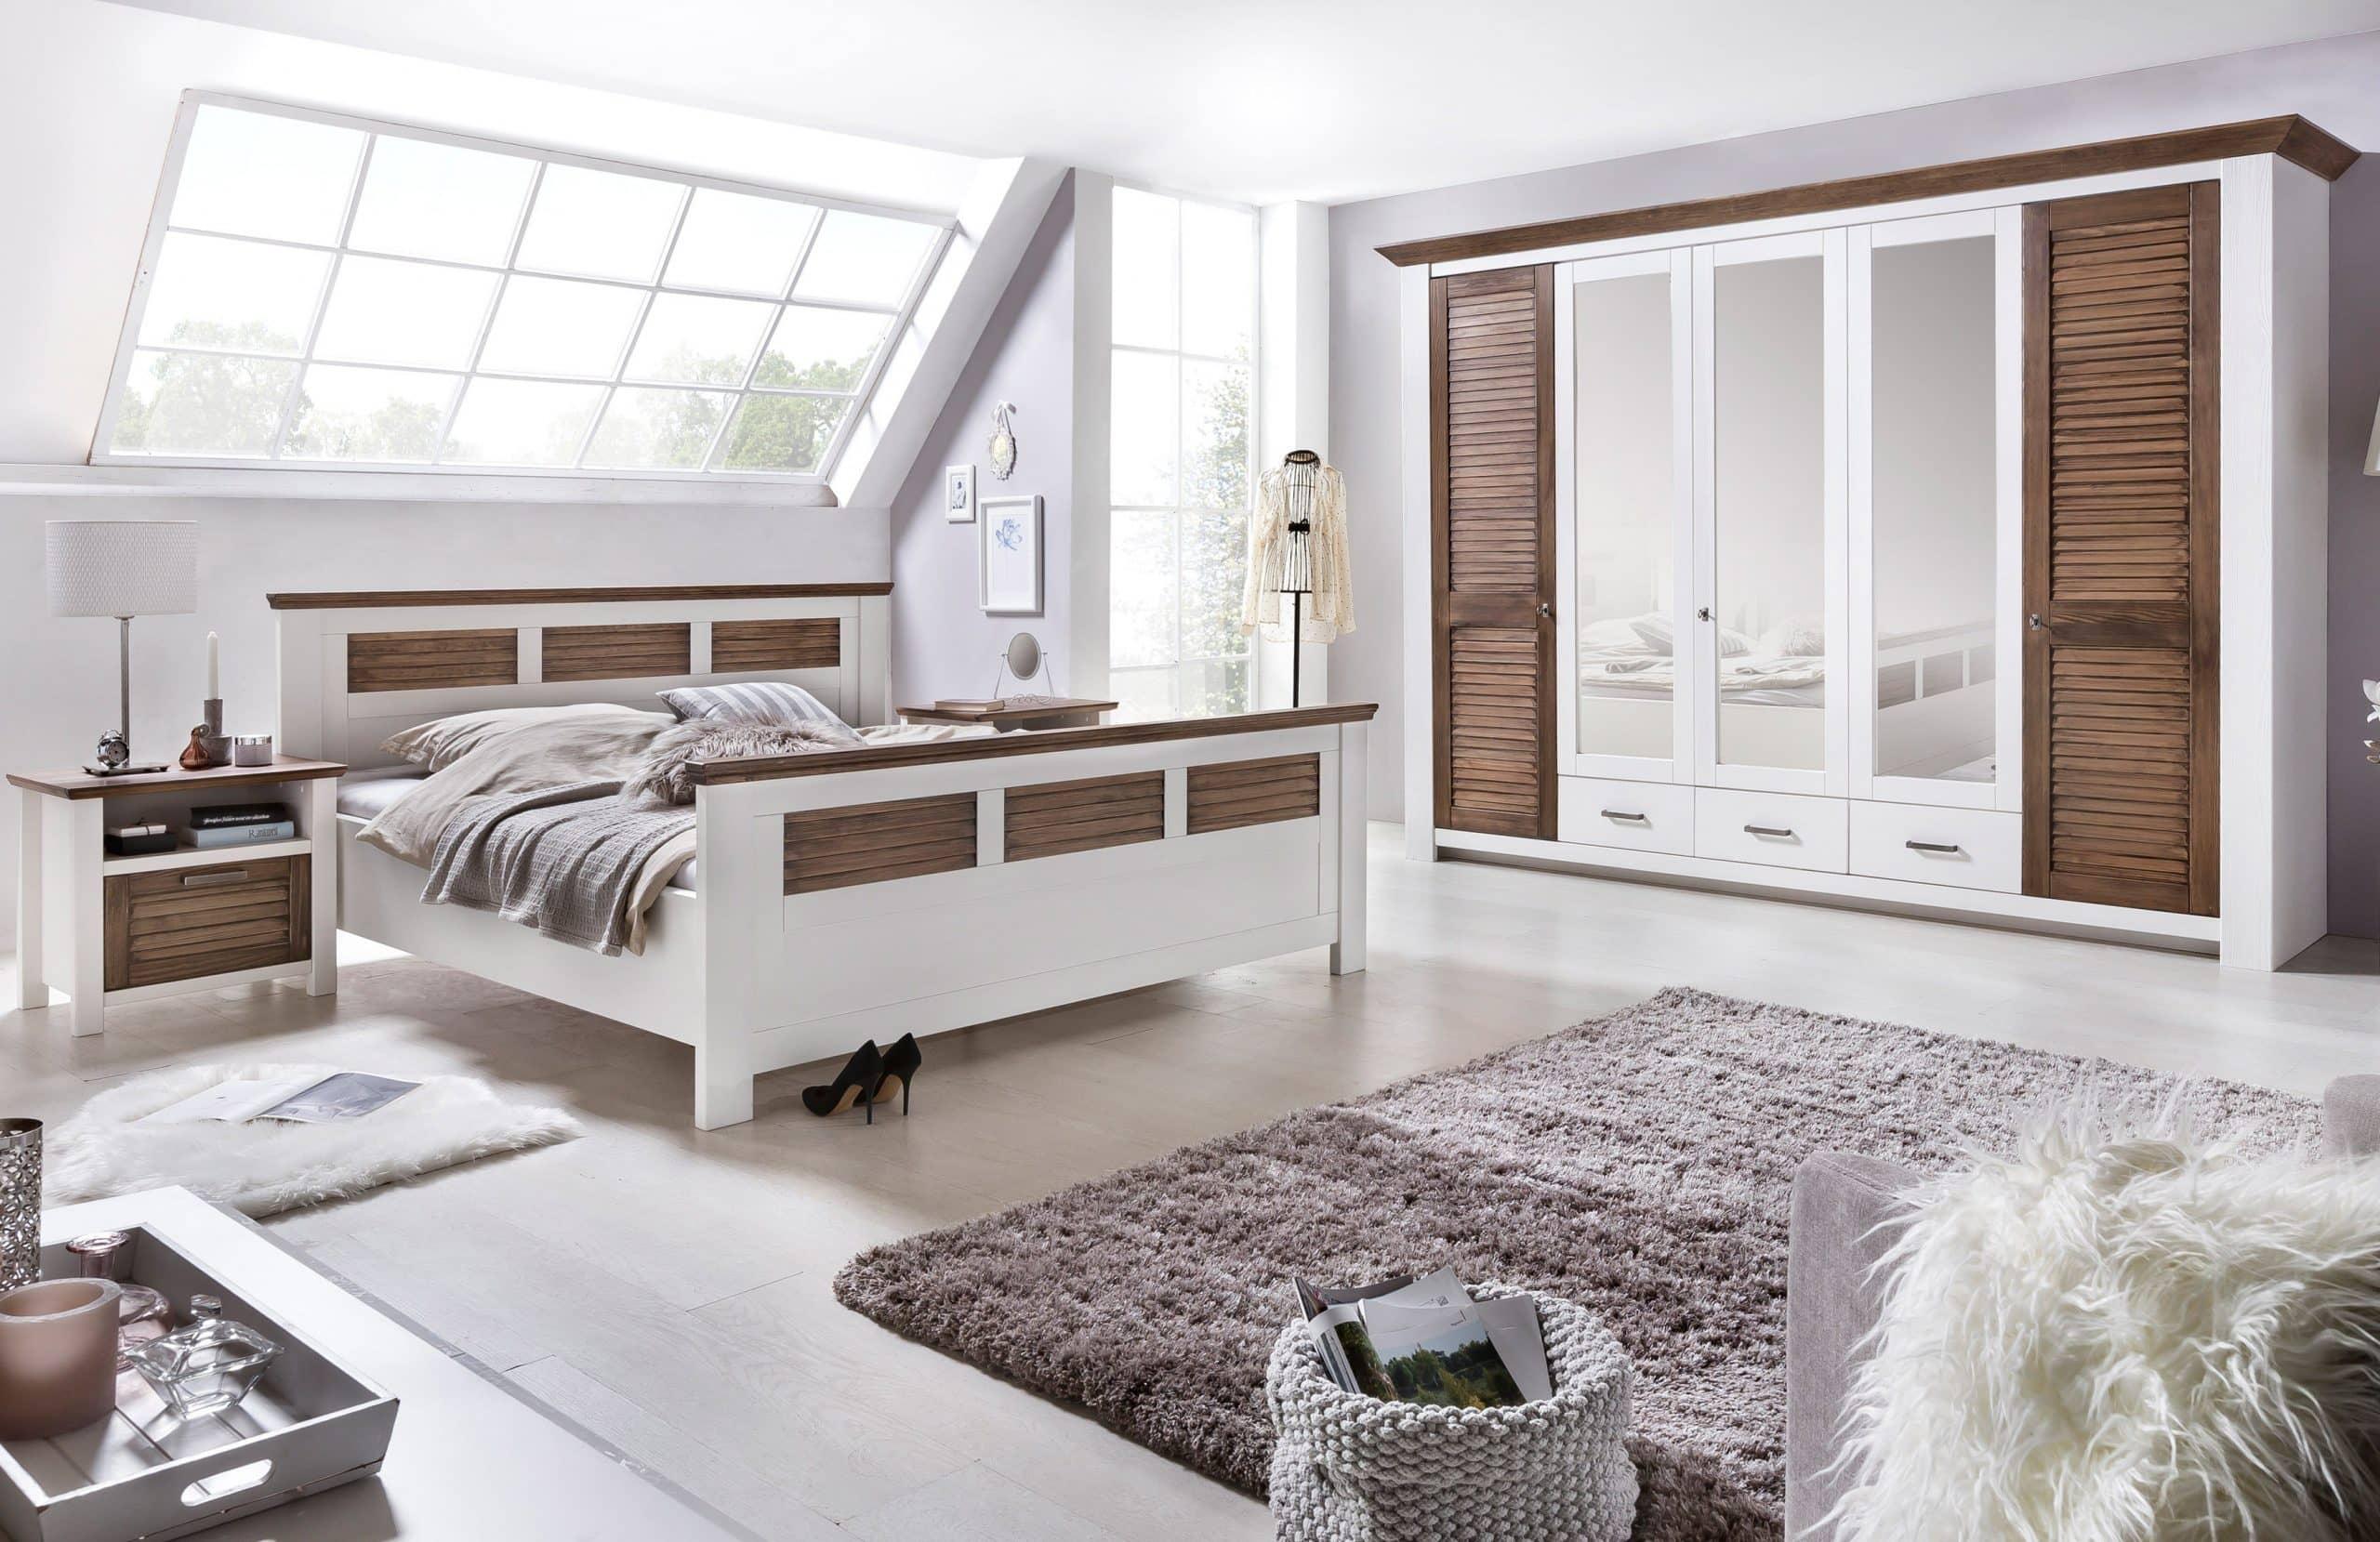 Schlafzimmermöbel-Sets – Was ist Ihr Stil?